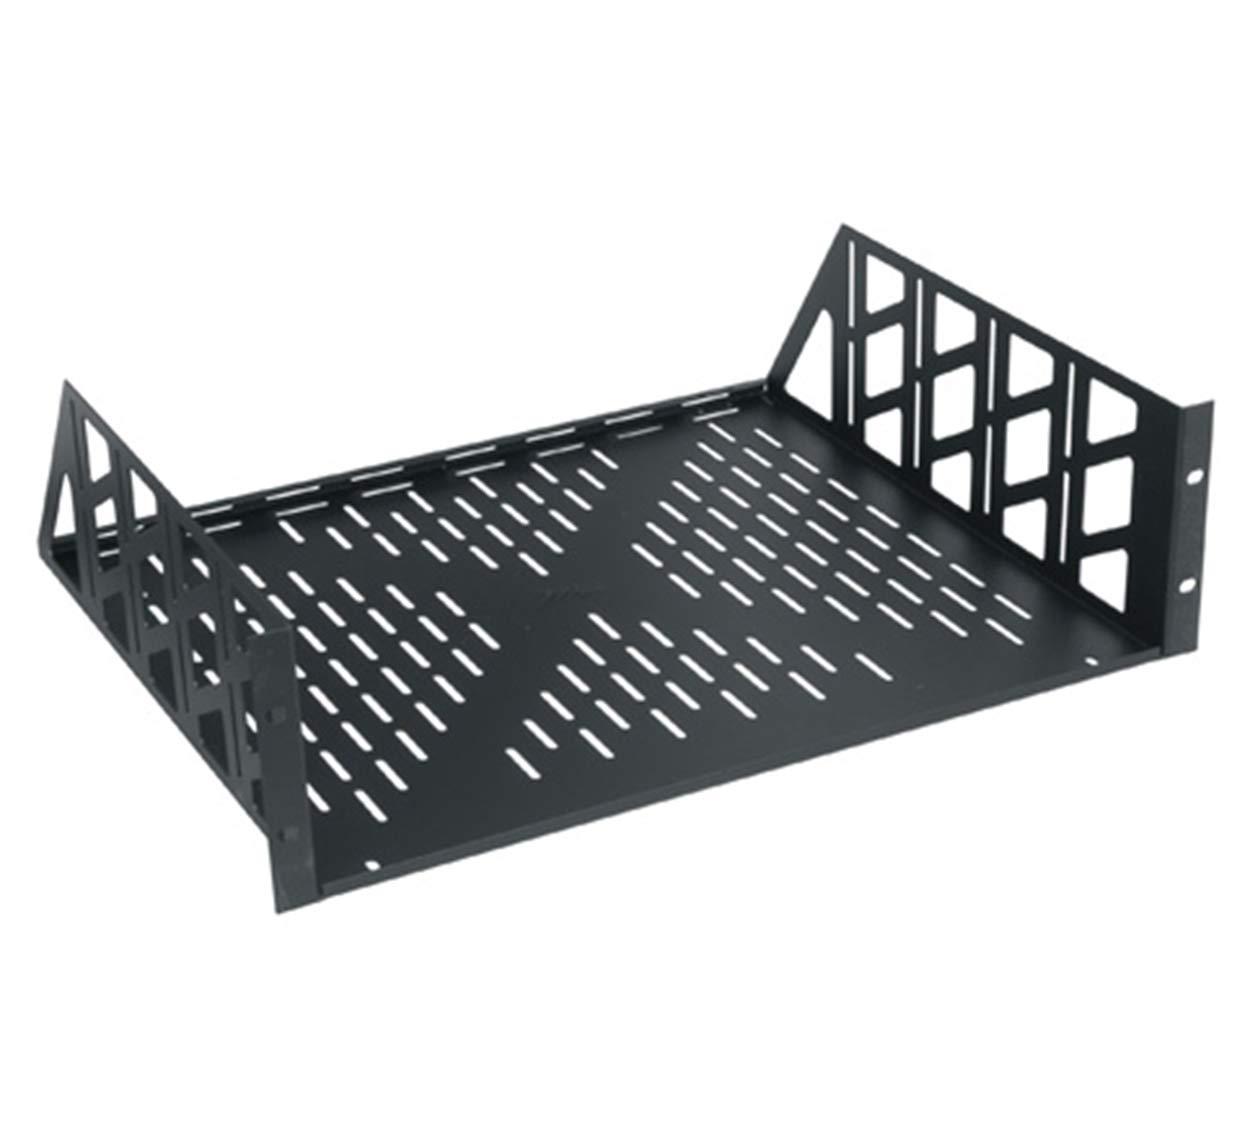 Vented Rack Shelf (3 Rack - 17.5 in. W x 15 in. D x 5.25 in. H)